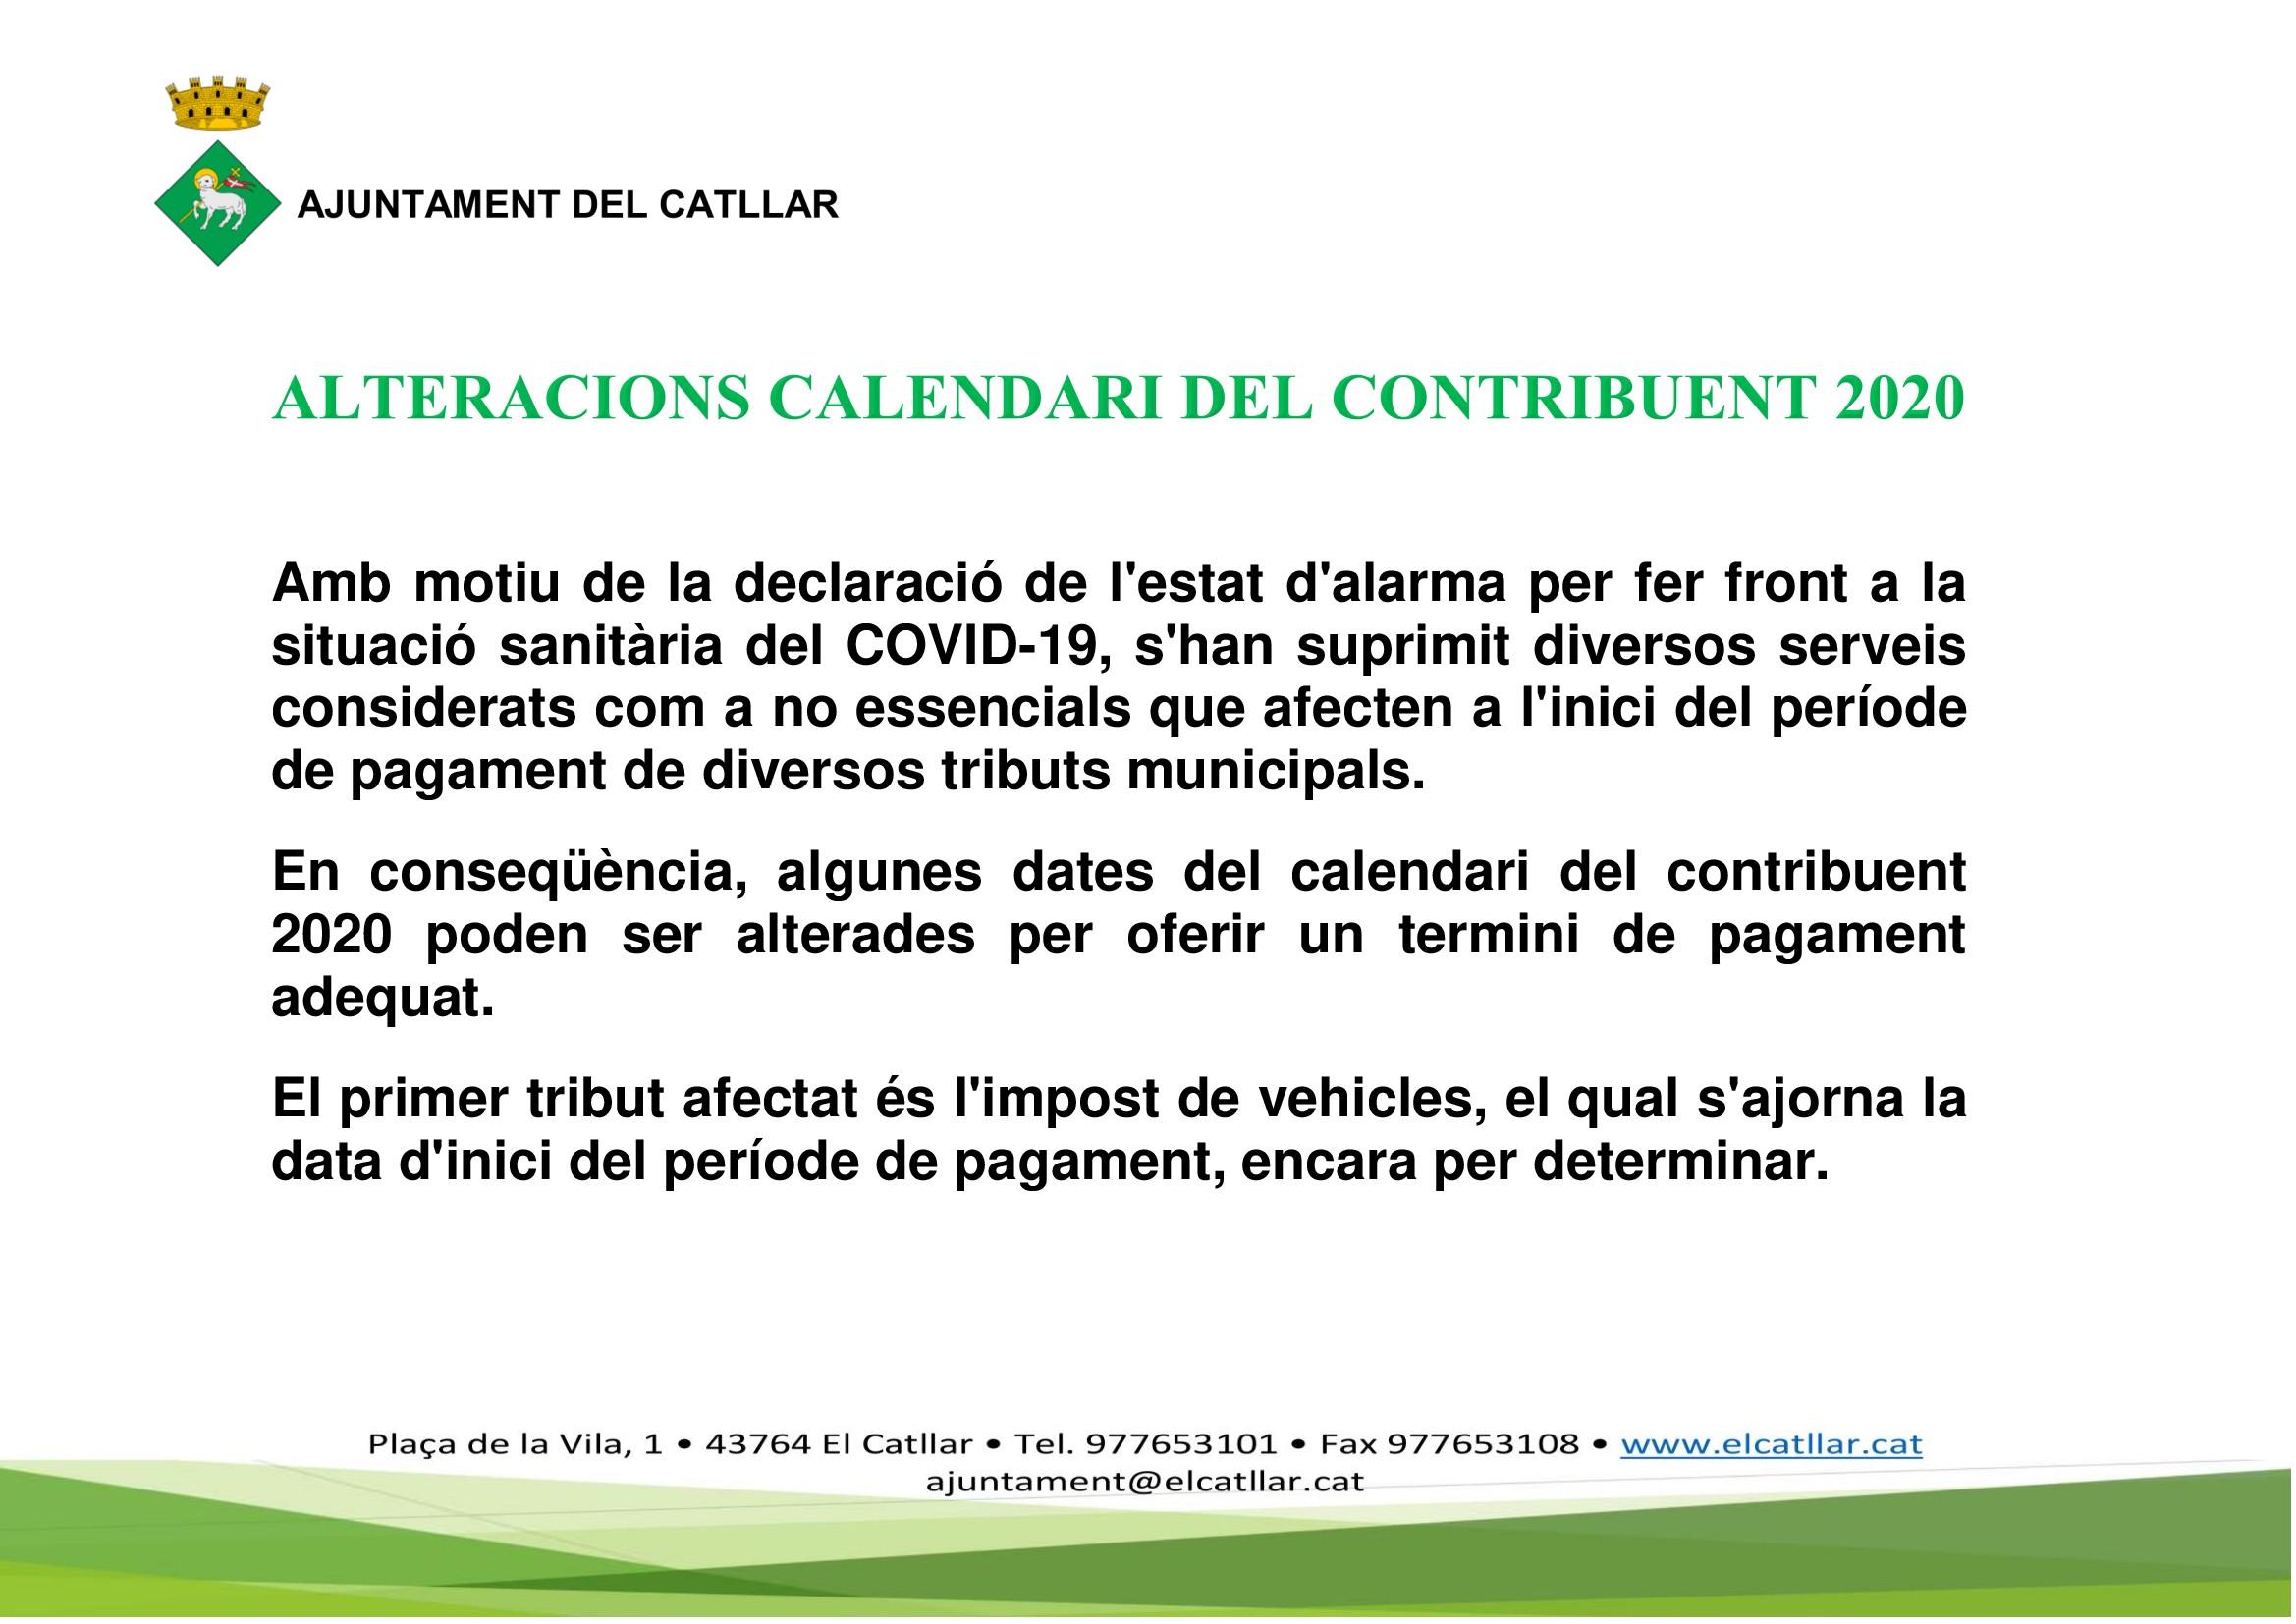 ALTERACIONS CALENDARI DEL CONTRIBUENT 2020